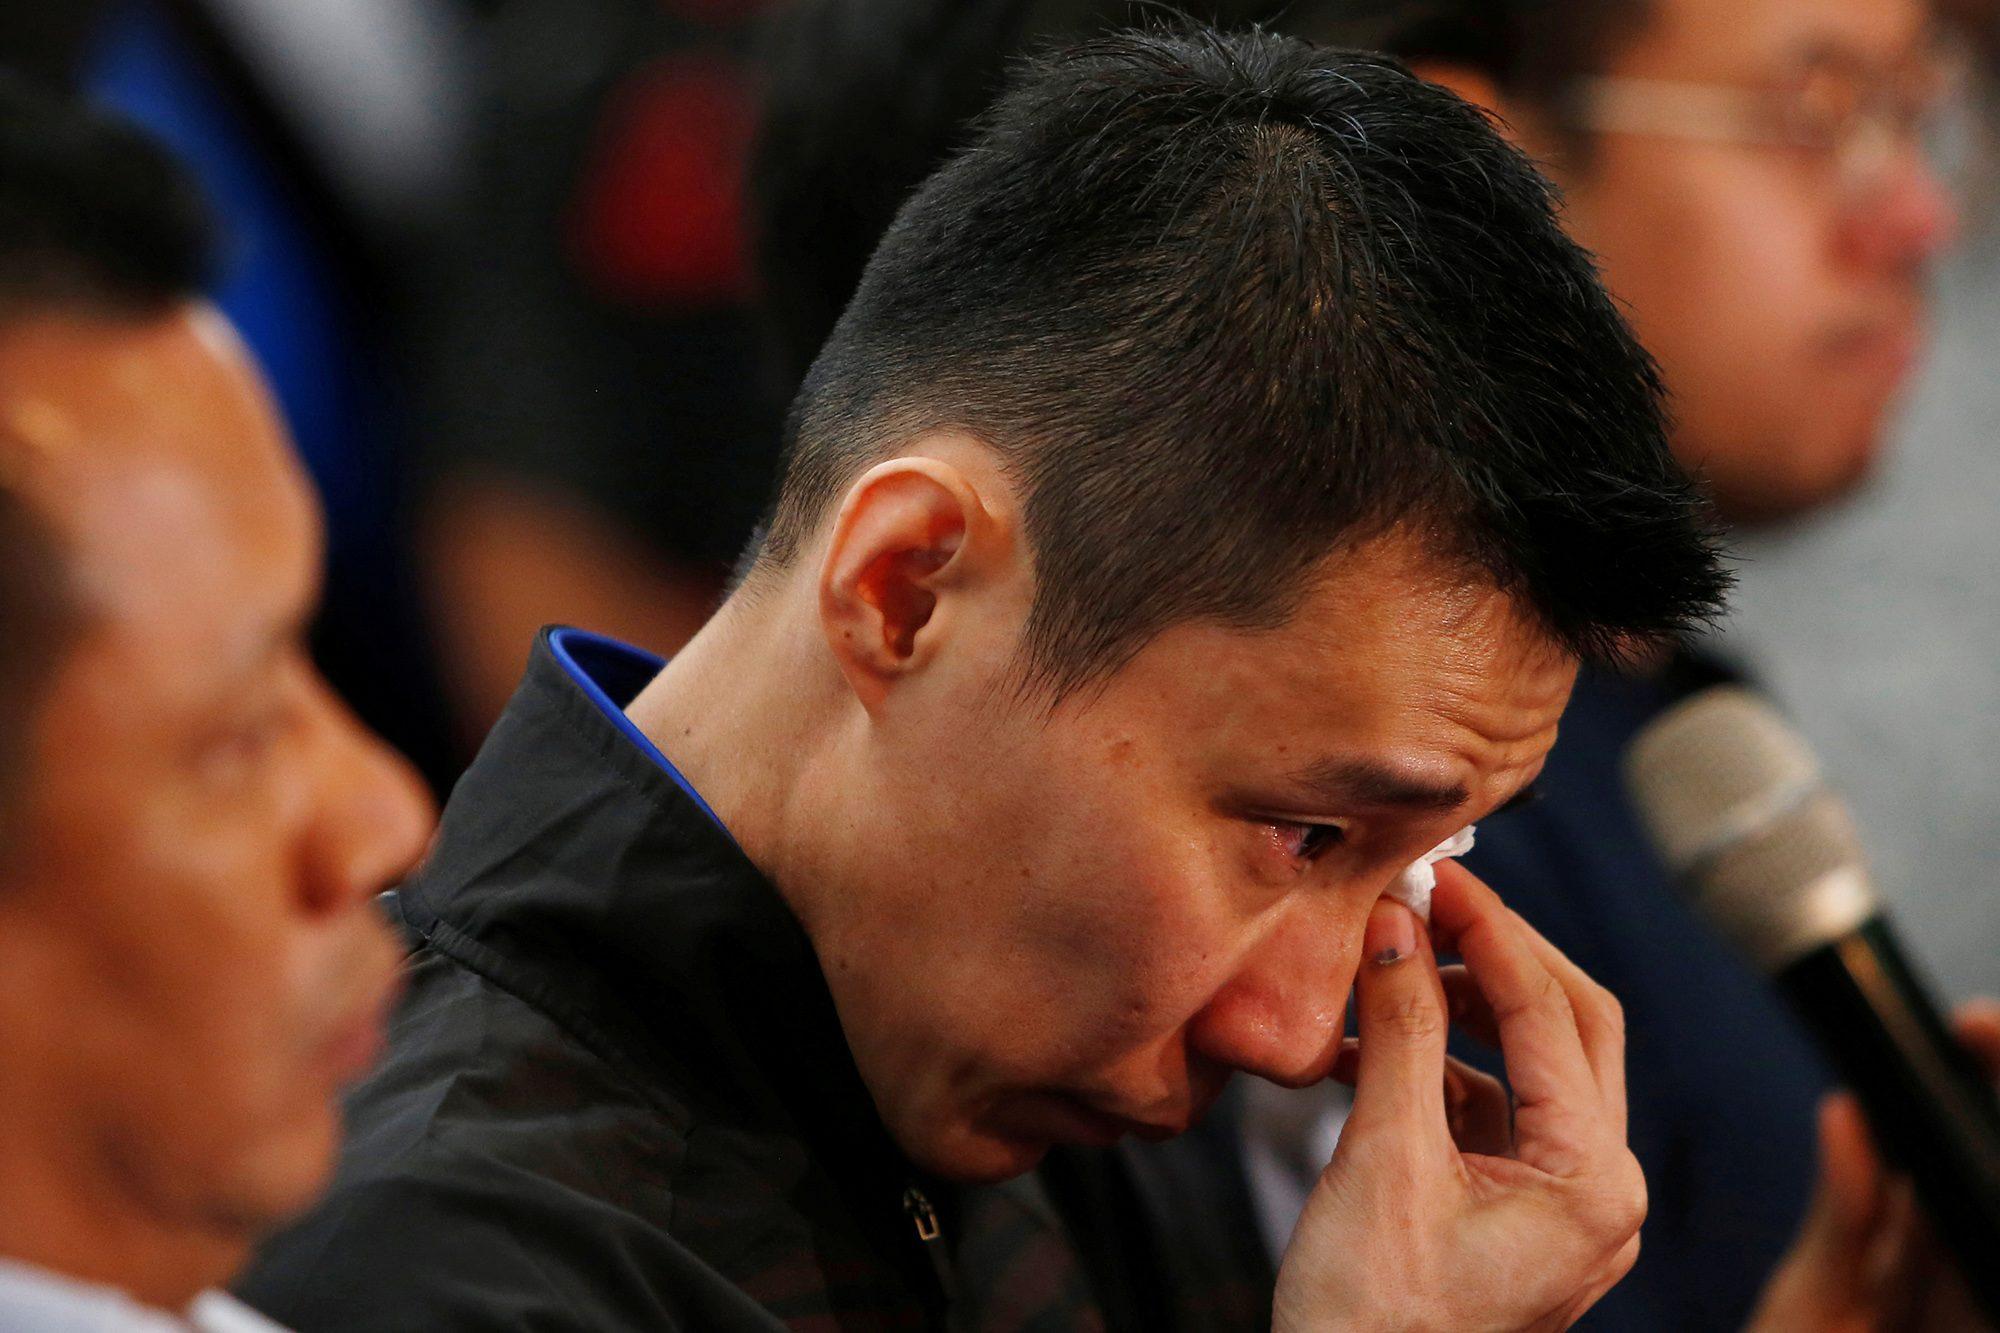 Kenali Tanda - Tanda Kanker Hidung Sampai Lee Chong Wei Harus Mundur Dari Dunia Bulutangkis 4